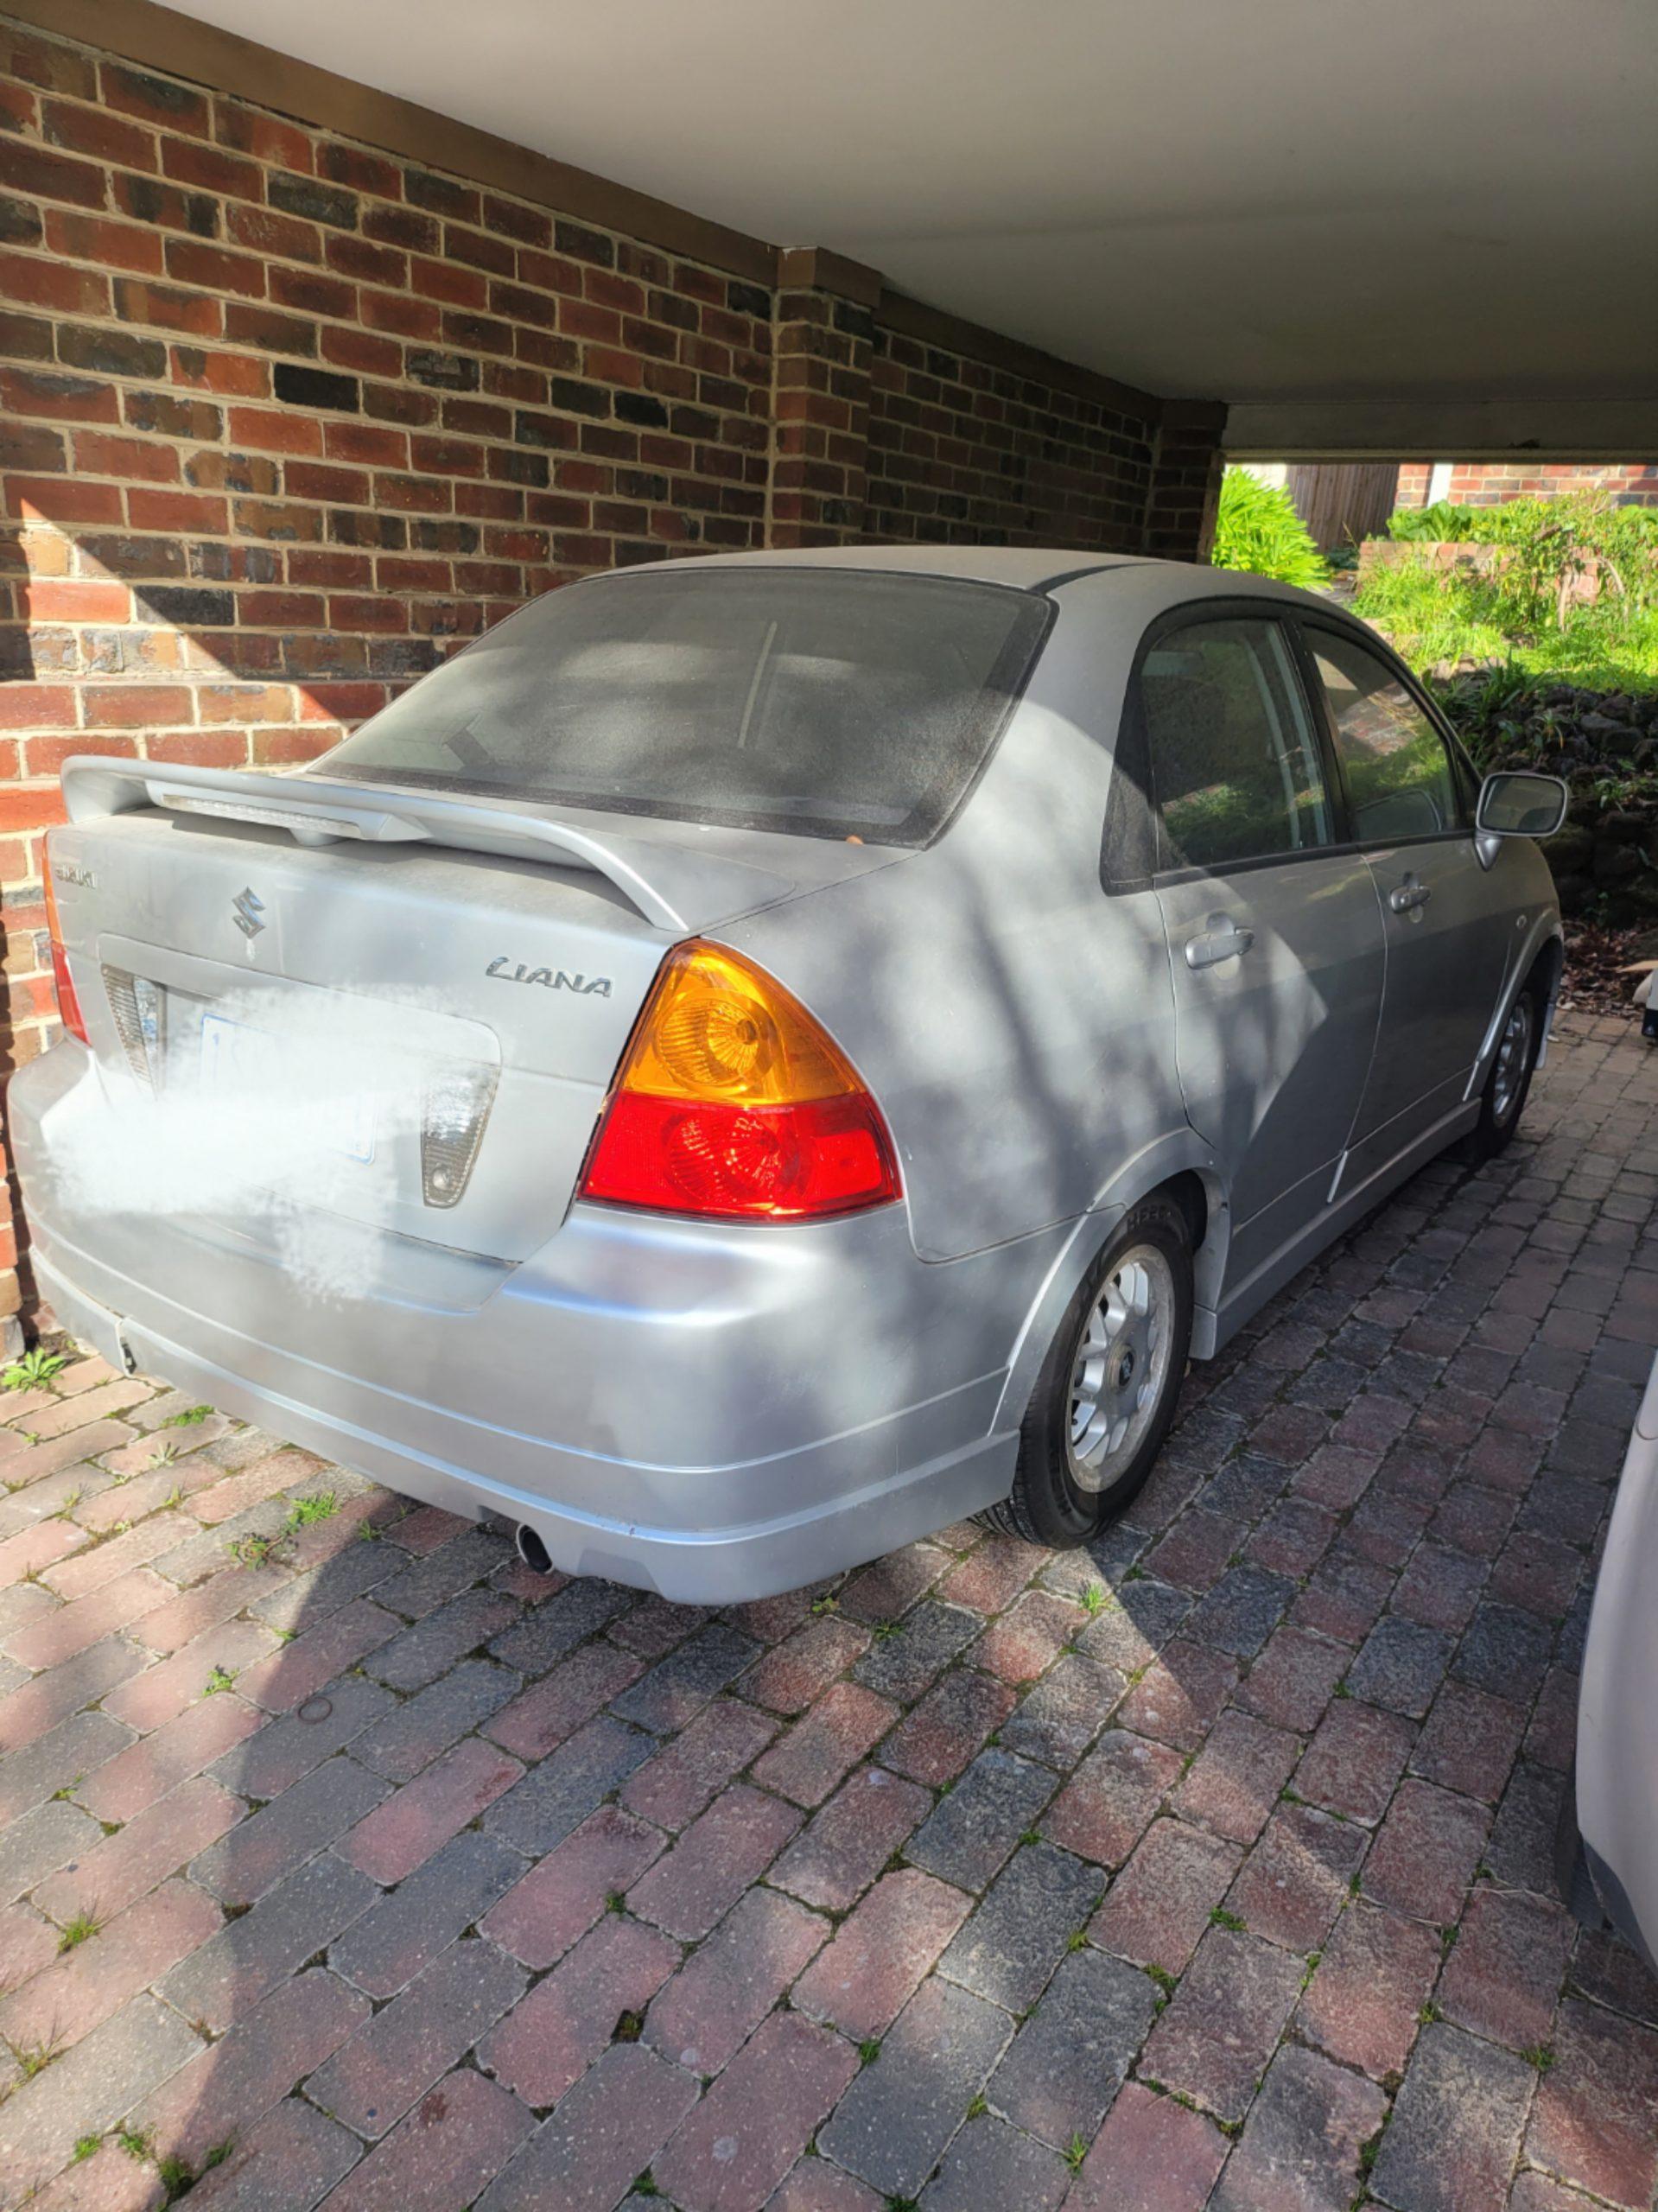 正确处理报废车可以有效降低家中的潜在危险 WeBuyYourCars专业处理报废车